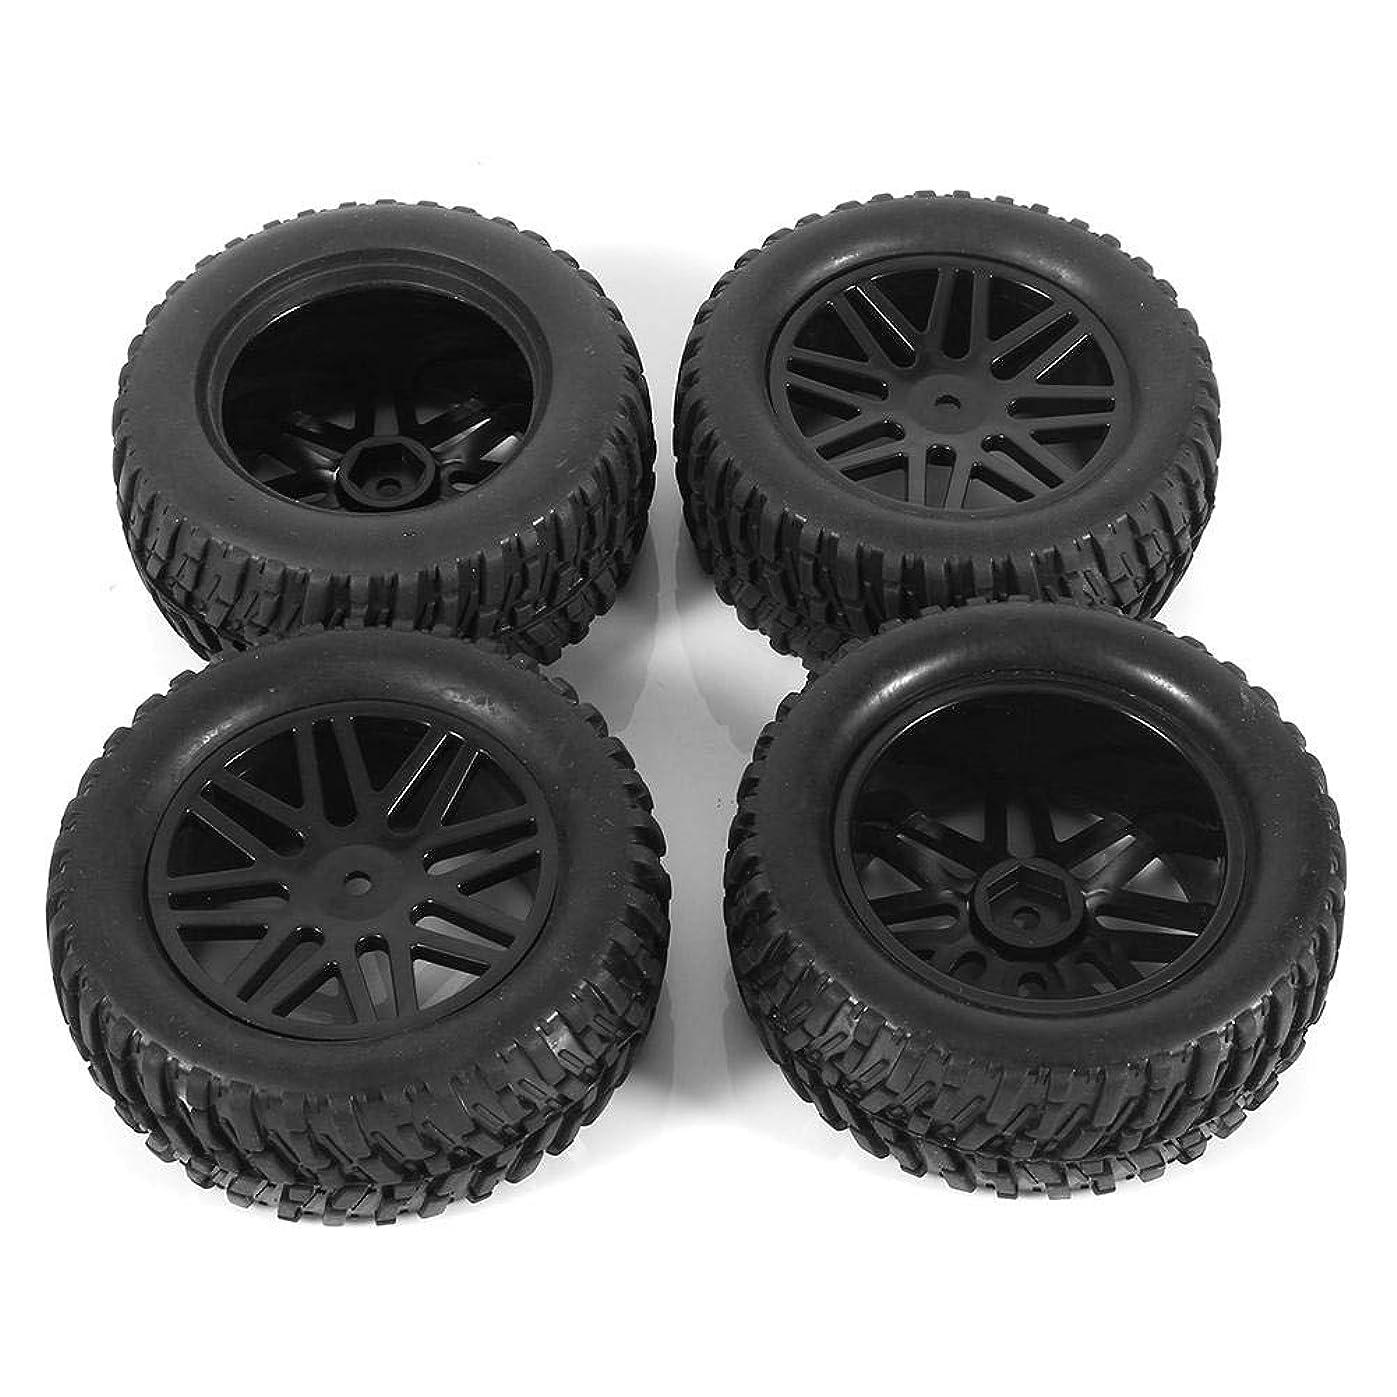 寄付する周りブラウンRCカー ハブ&タイヤ スペアパーツ ホイール リム & ゴムタイヤ ショートコース トラック適用 1/10 ブラック 4個